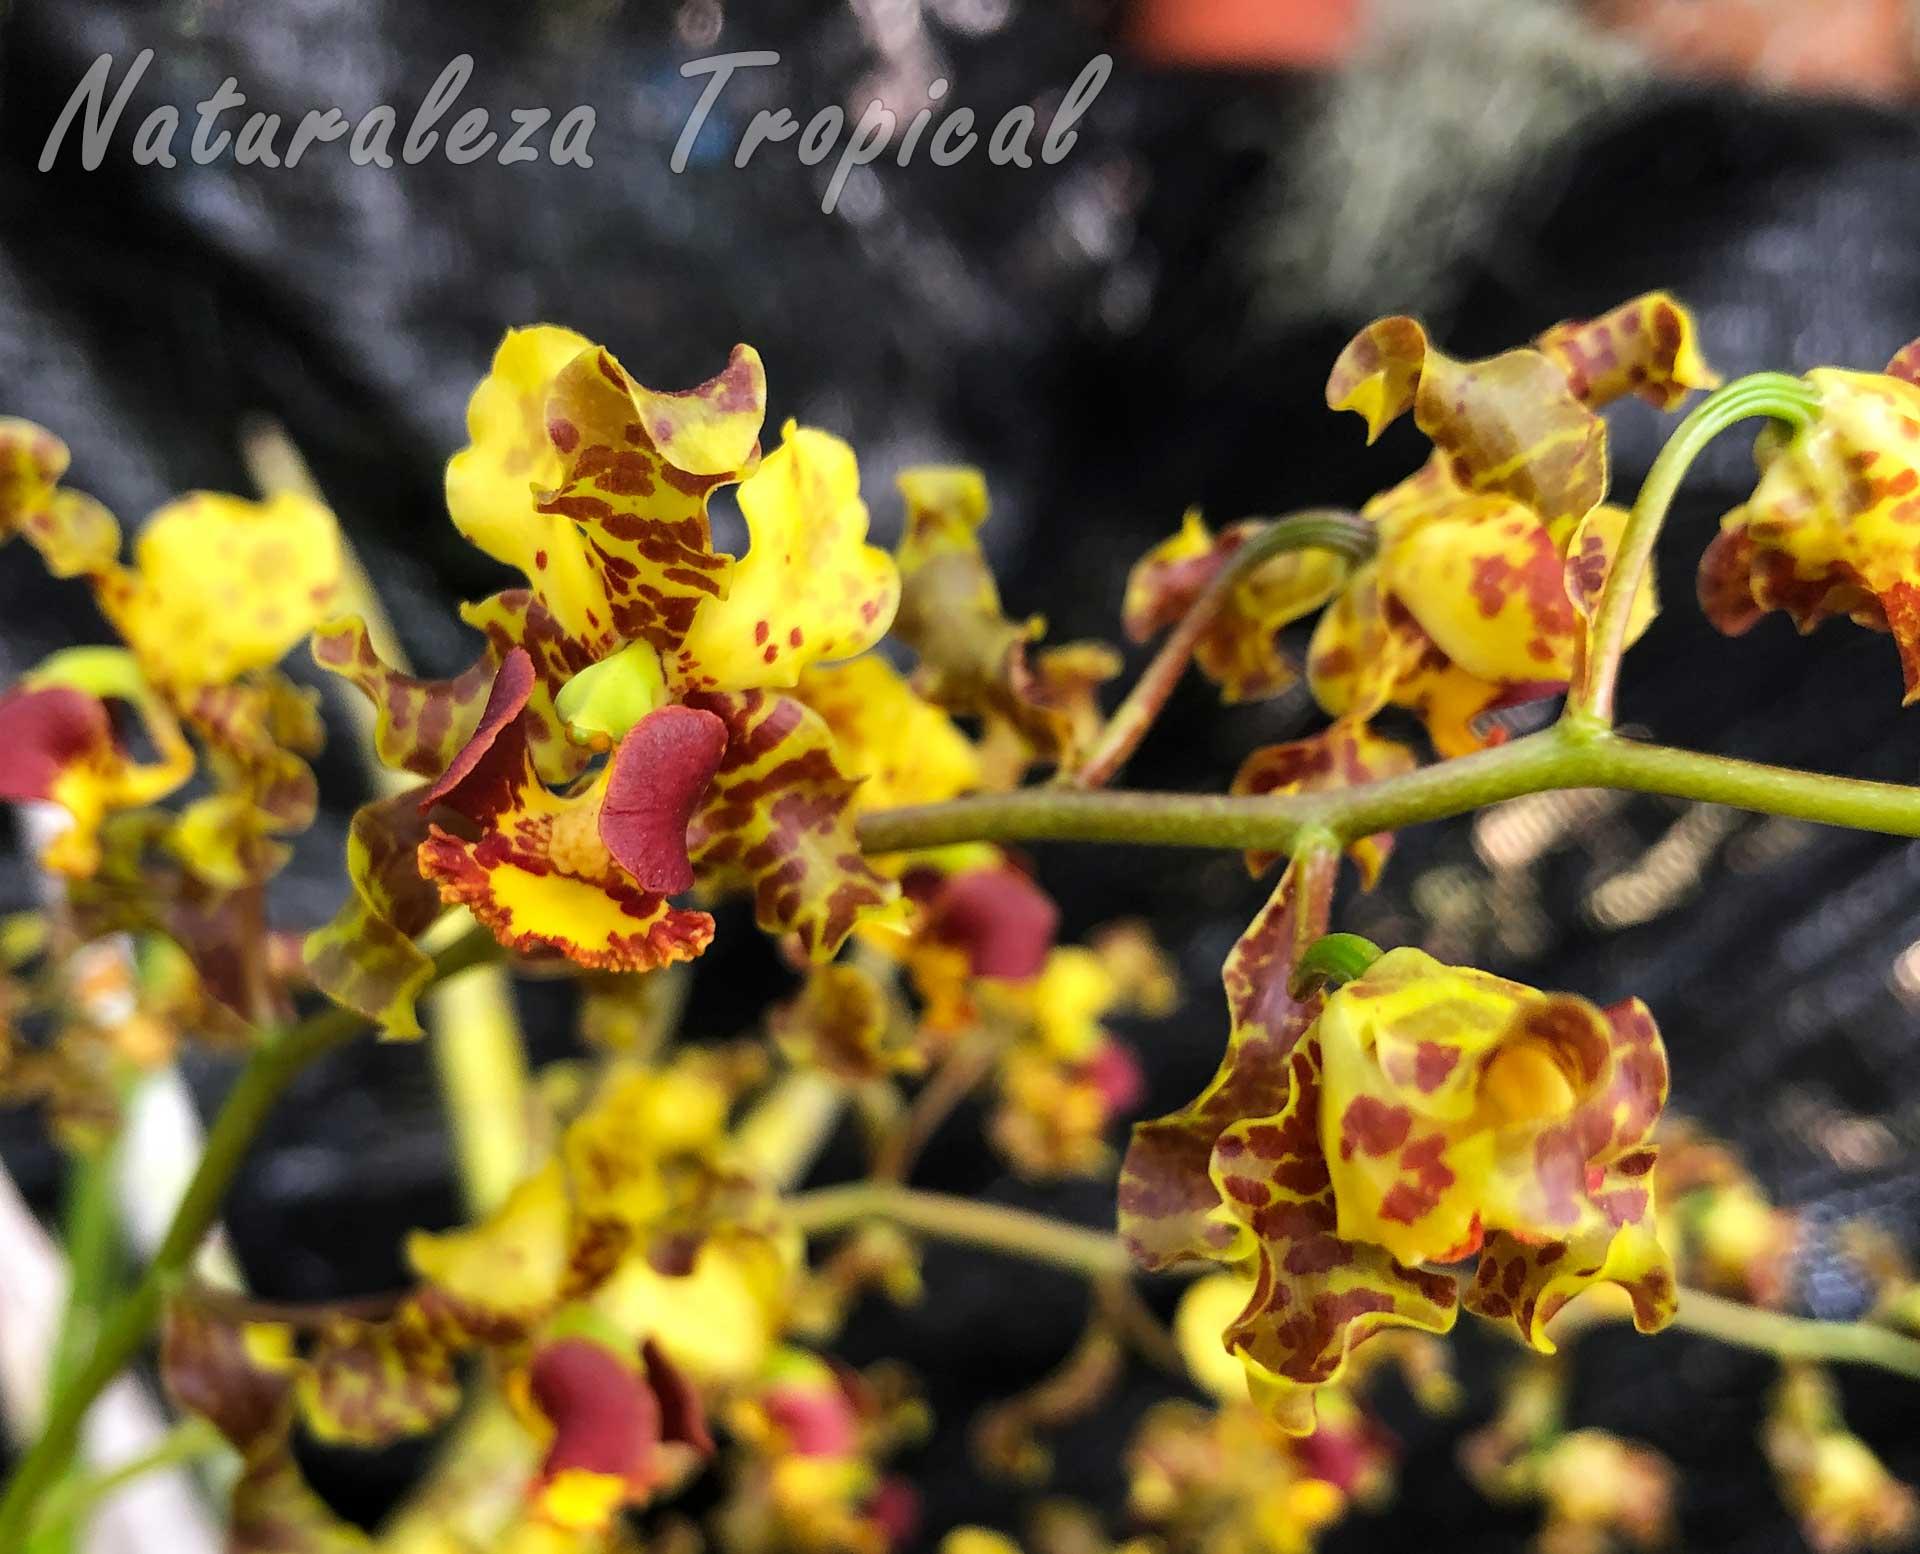 Flores características de la orquídea conocida como Cañuela, Cyrtopodium punctatum